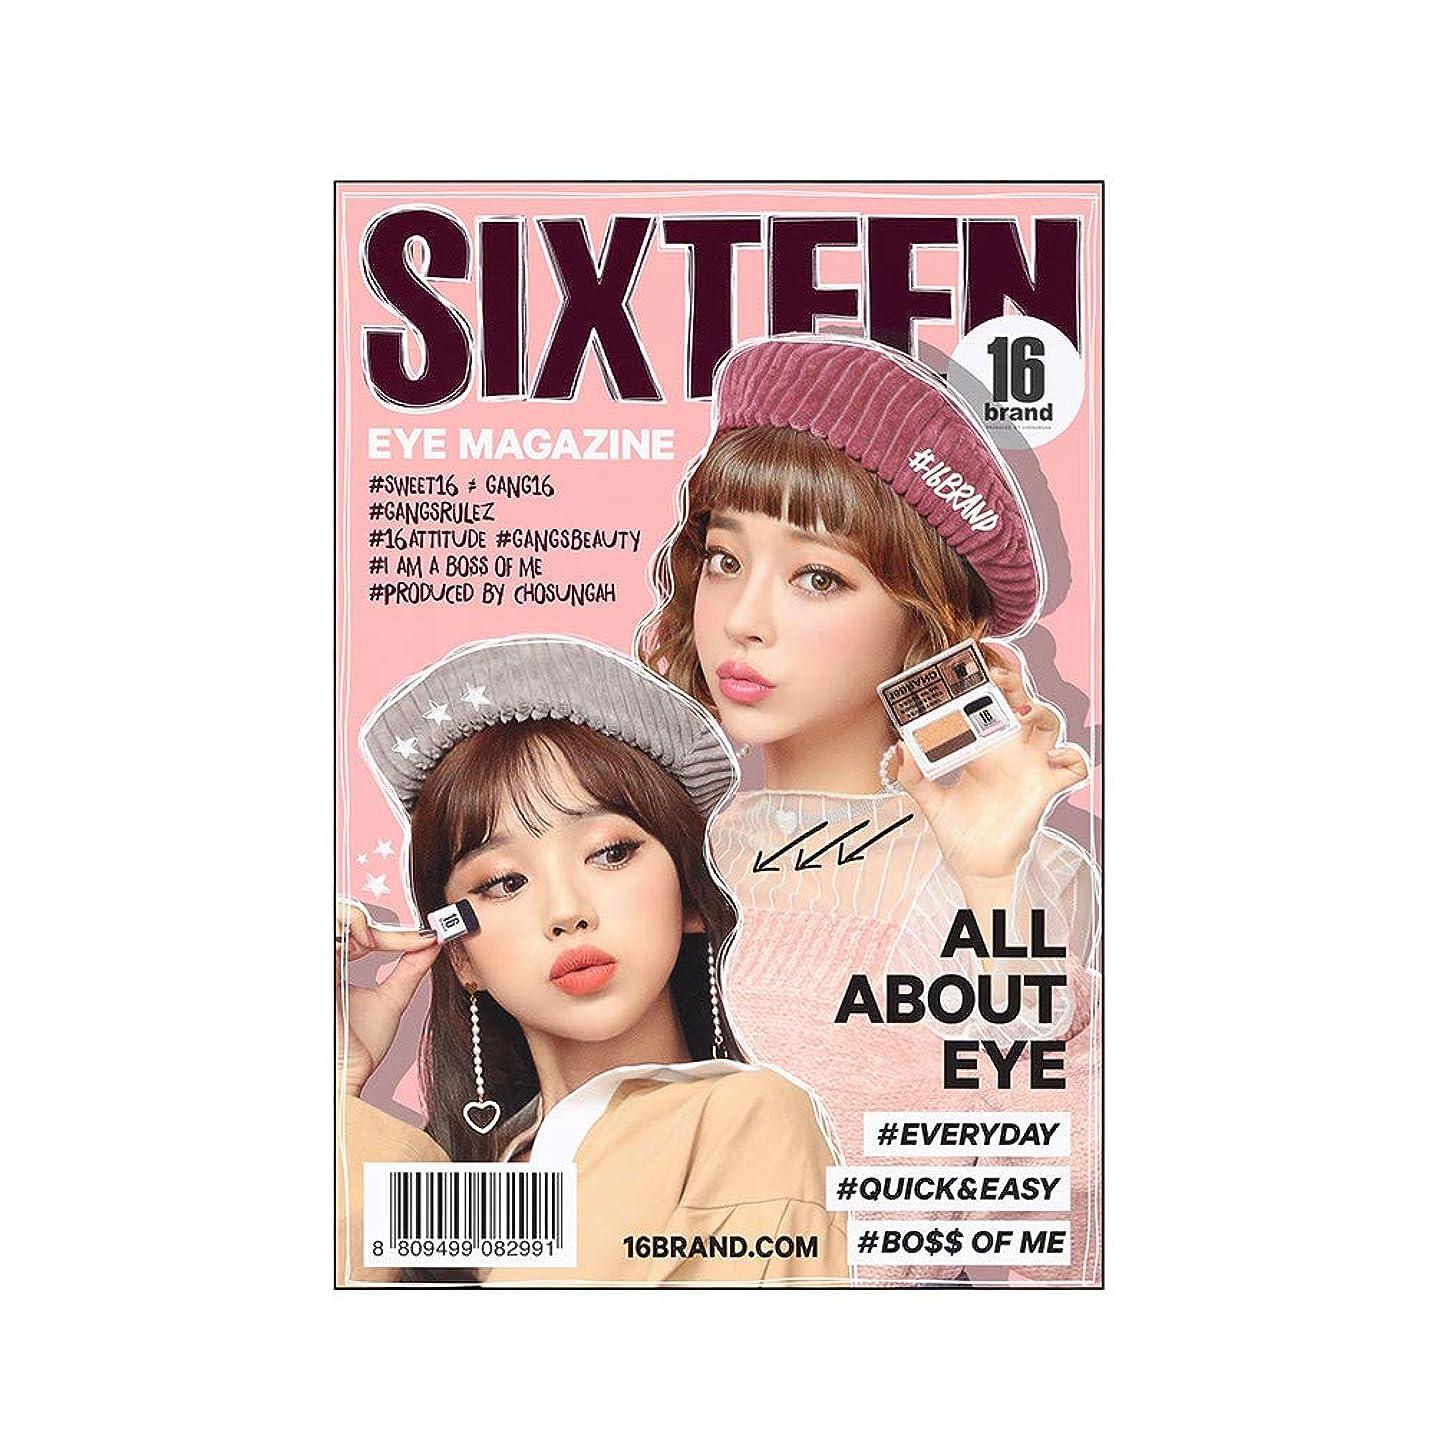 バリーキャプテンブライリゾート16brand 16 Eye Magazine 2g /16ブランド 16 アイマガジン 2g [国内正規品](エブリディ)